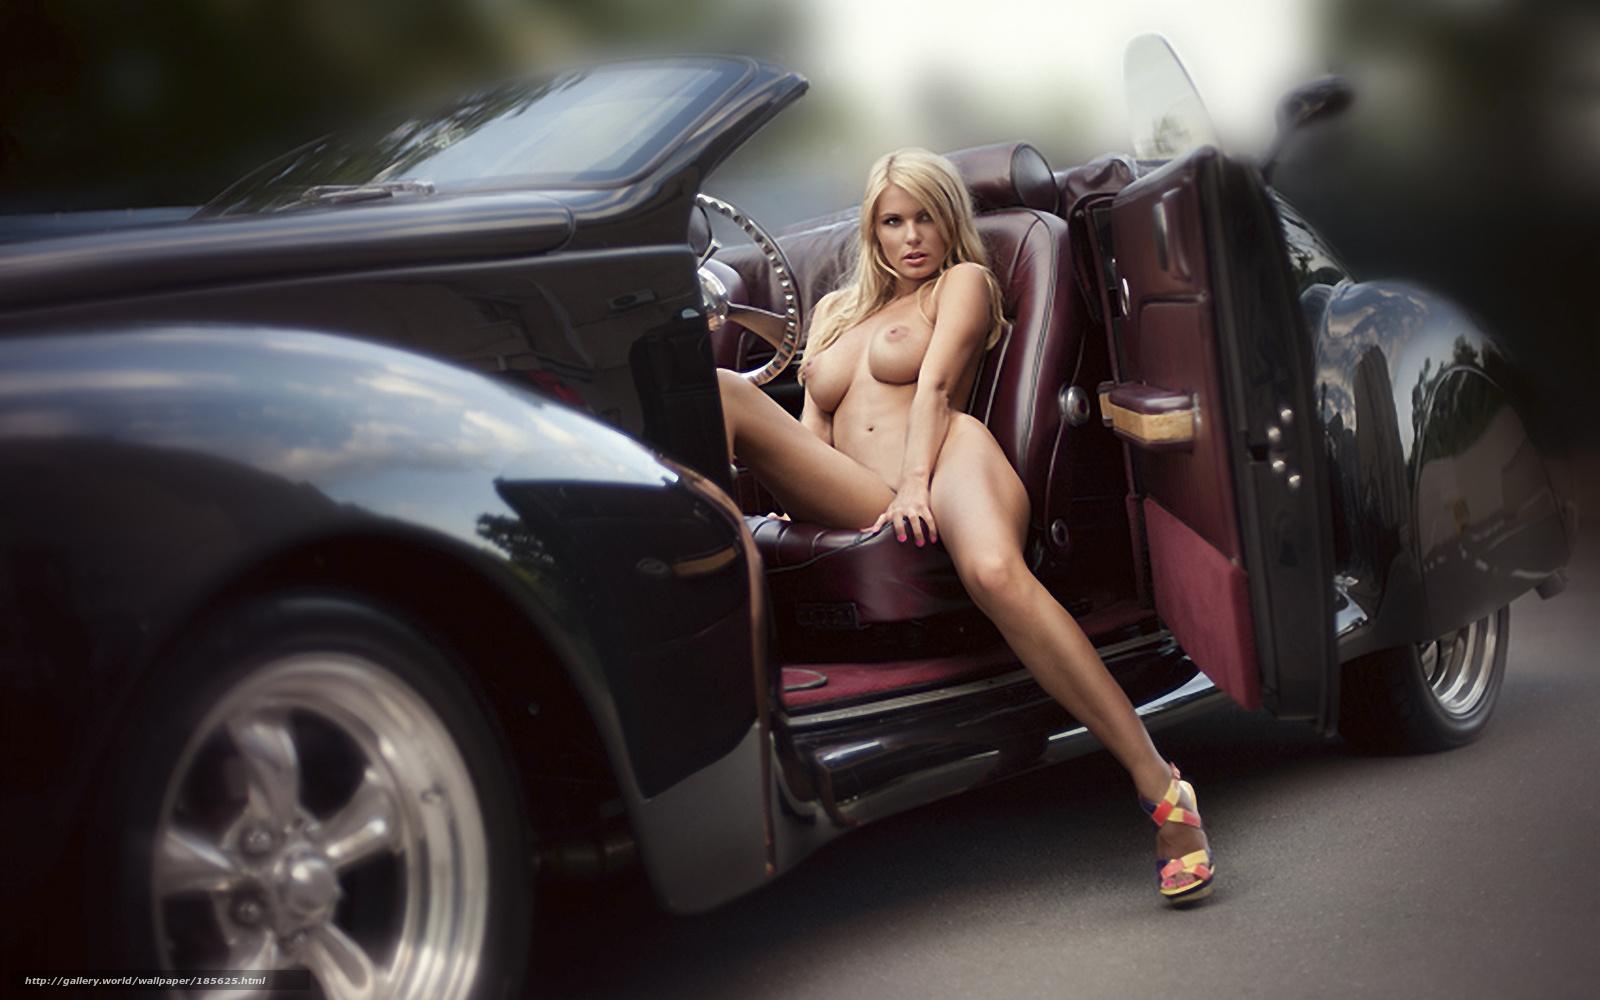 Секси красотки и авто фото 15 фотография